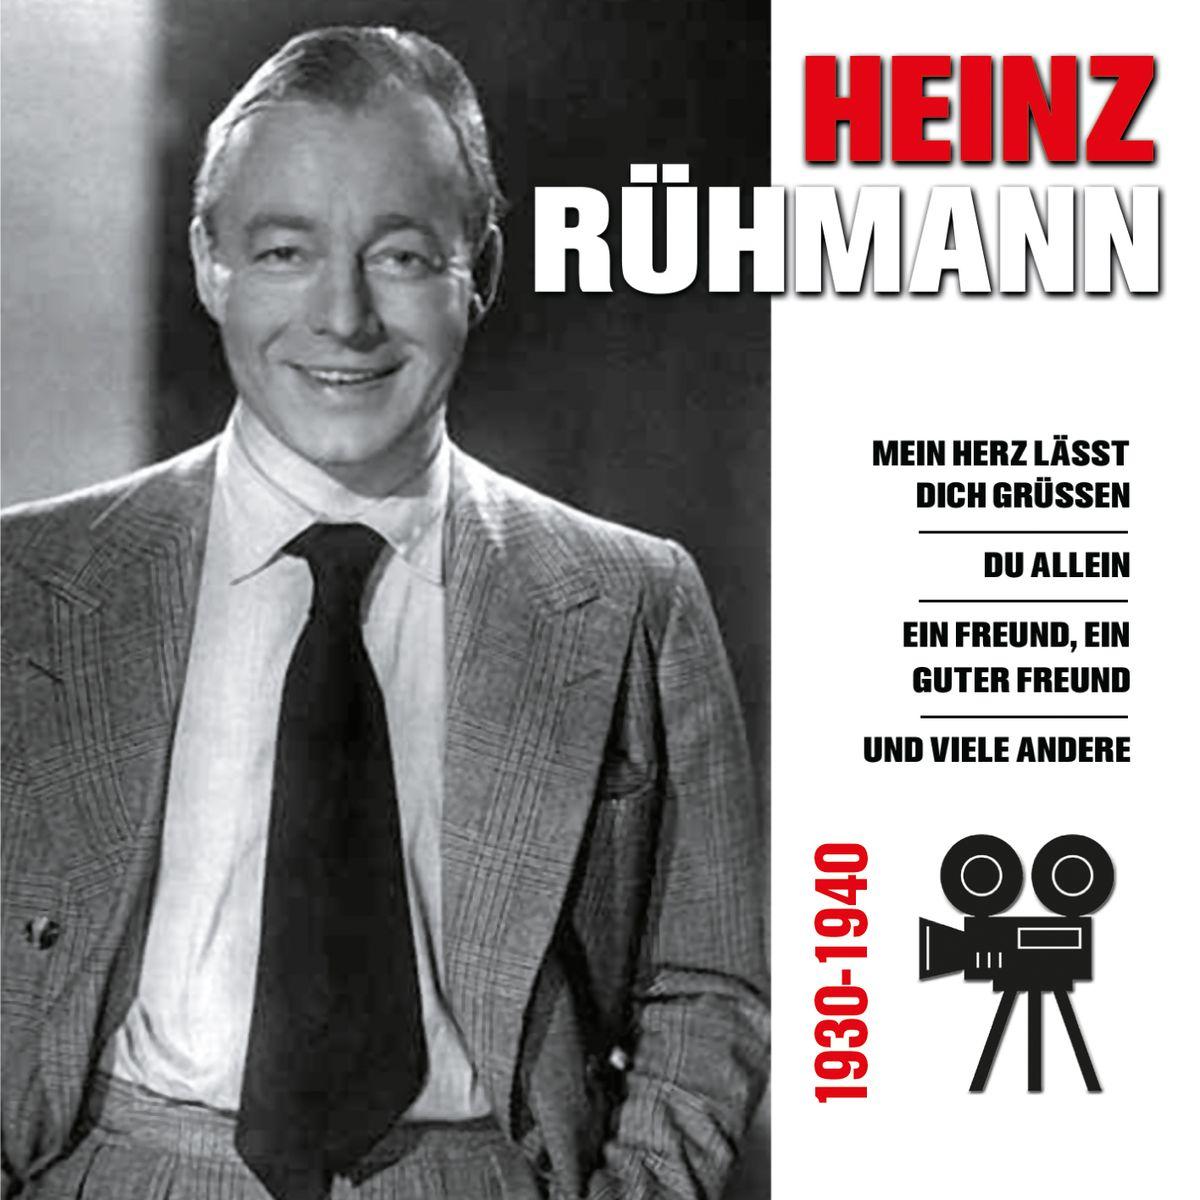 Heinz Ruhmann. Ruhmann, Heinz-1930-1940 heinz барбекю цена